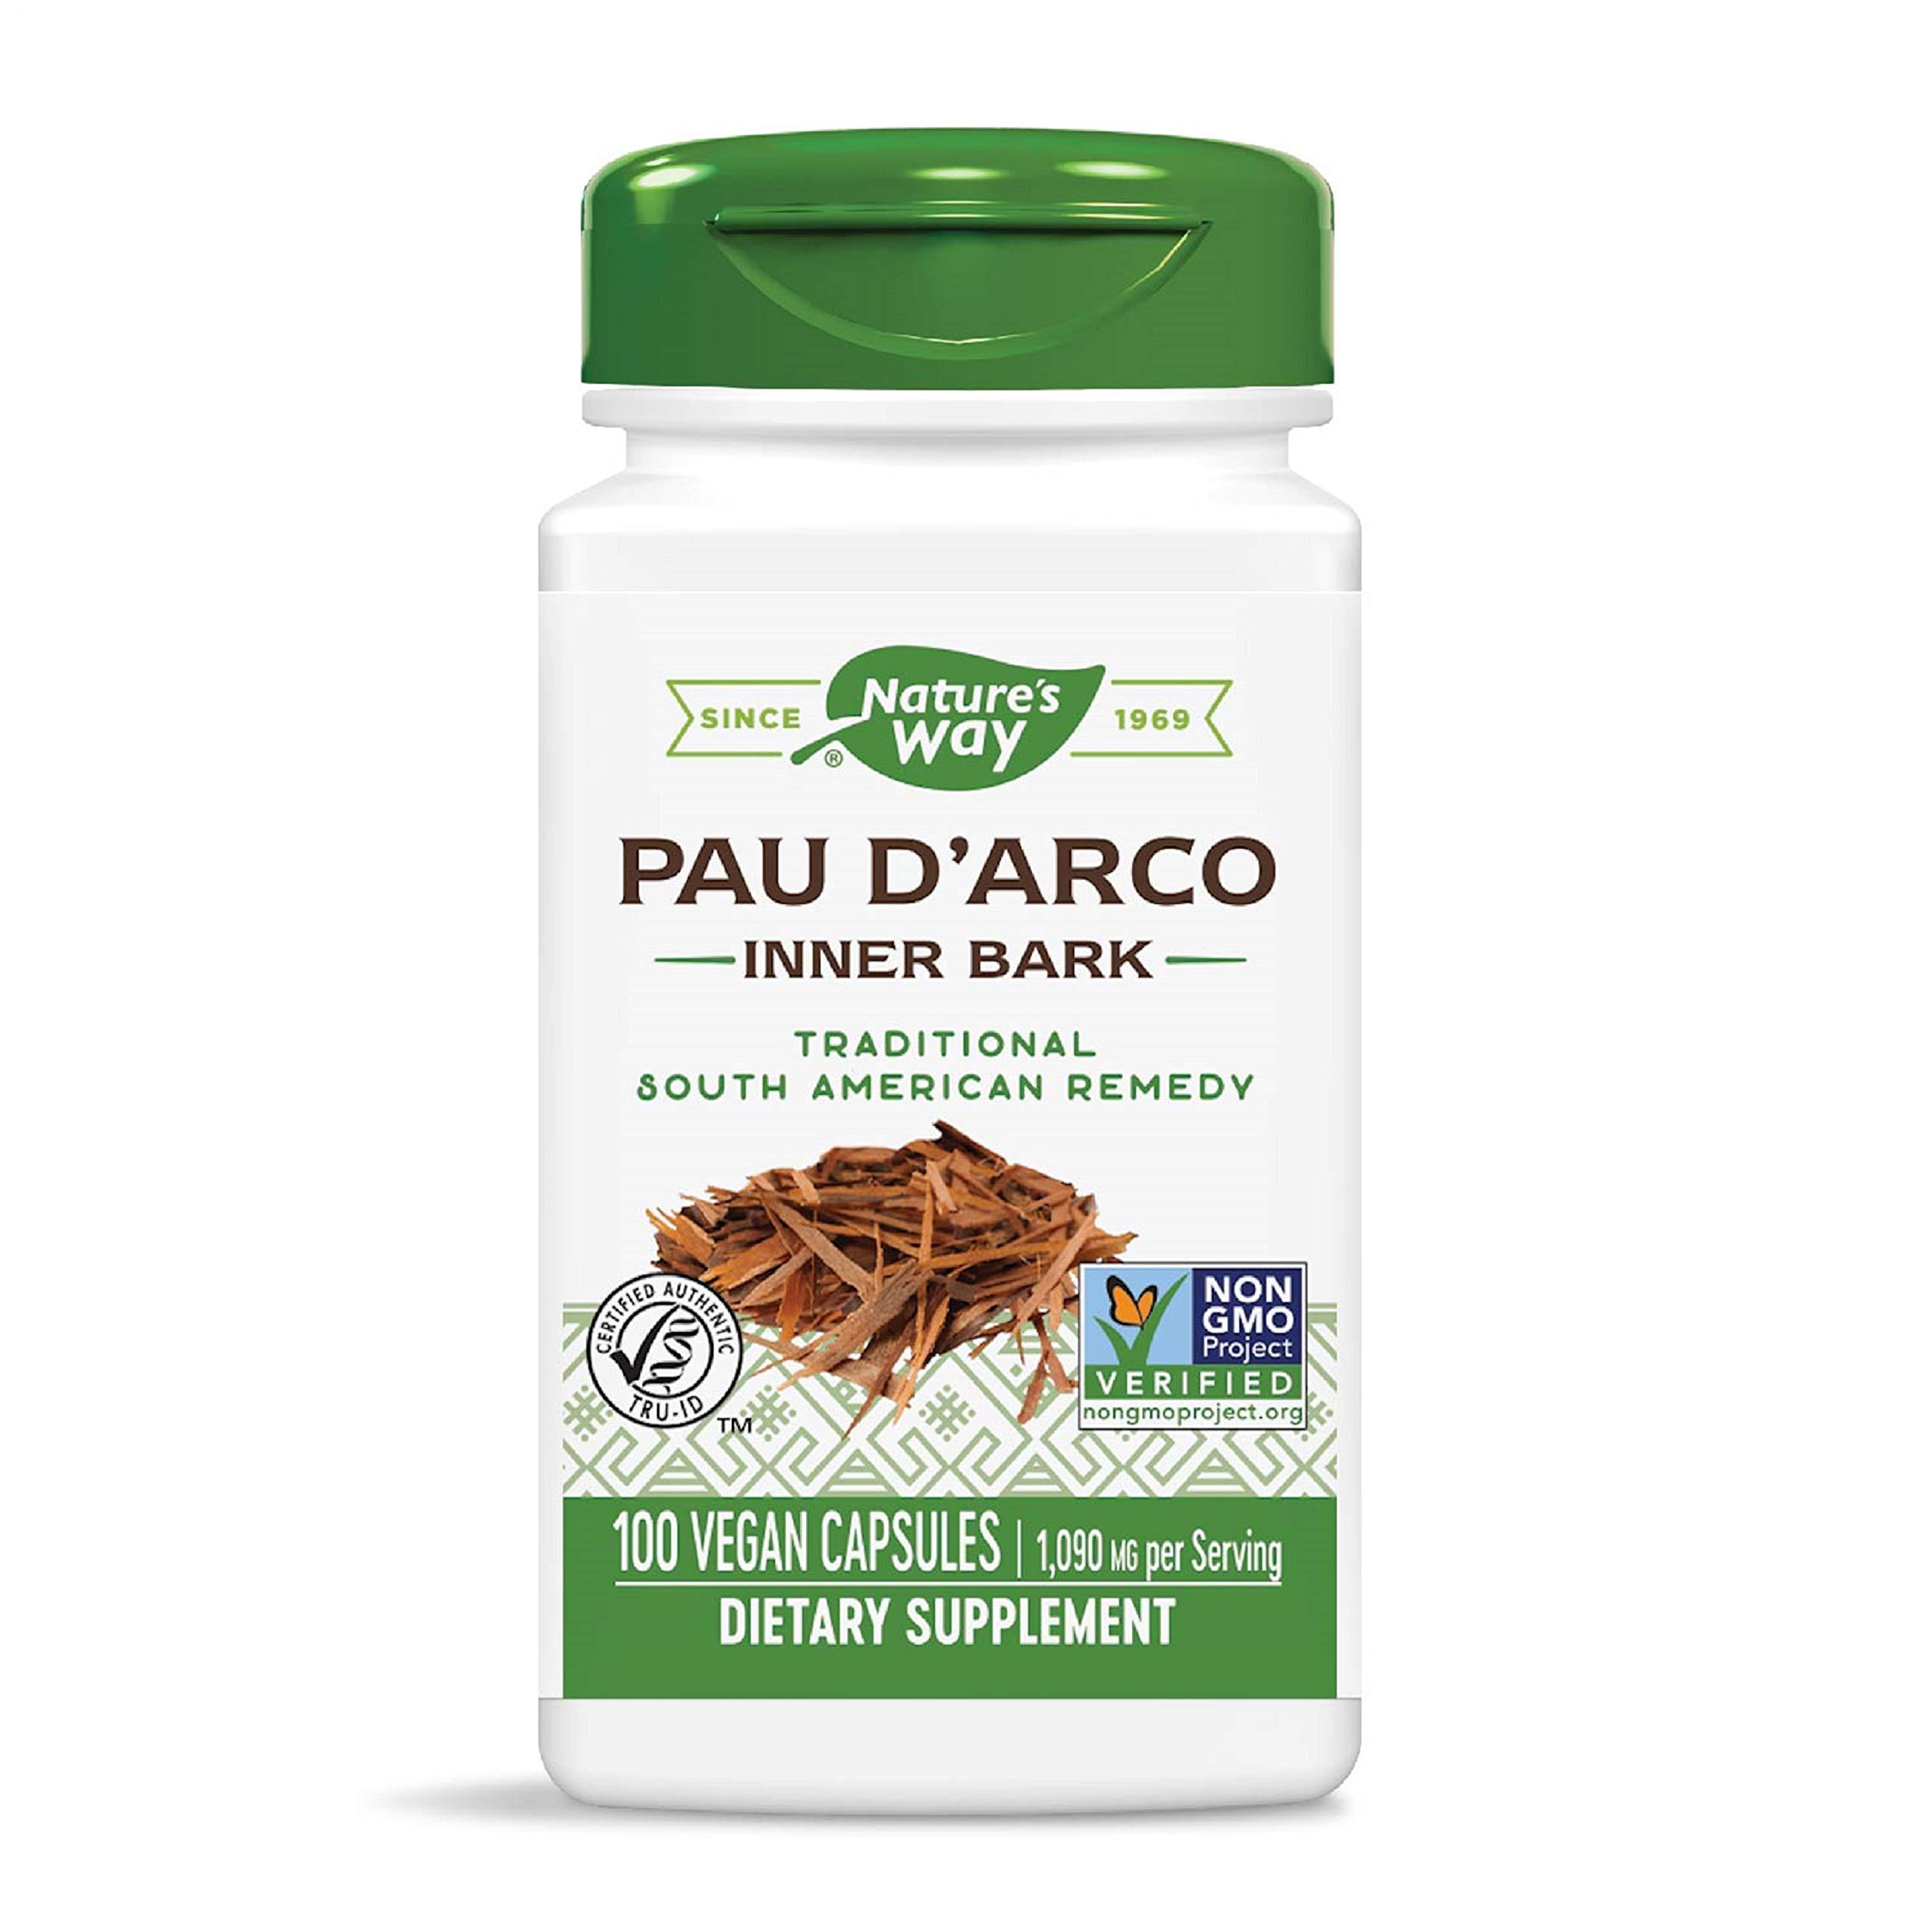 Nature's Way Premium Herbal Pau d'Arco Inner Bark, 1,090 mg per serving, 100 Capsules